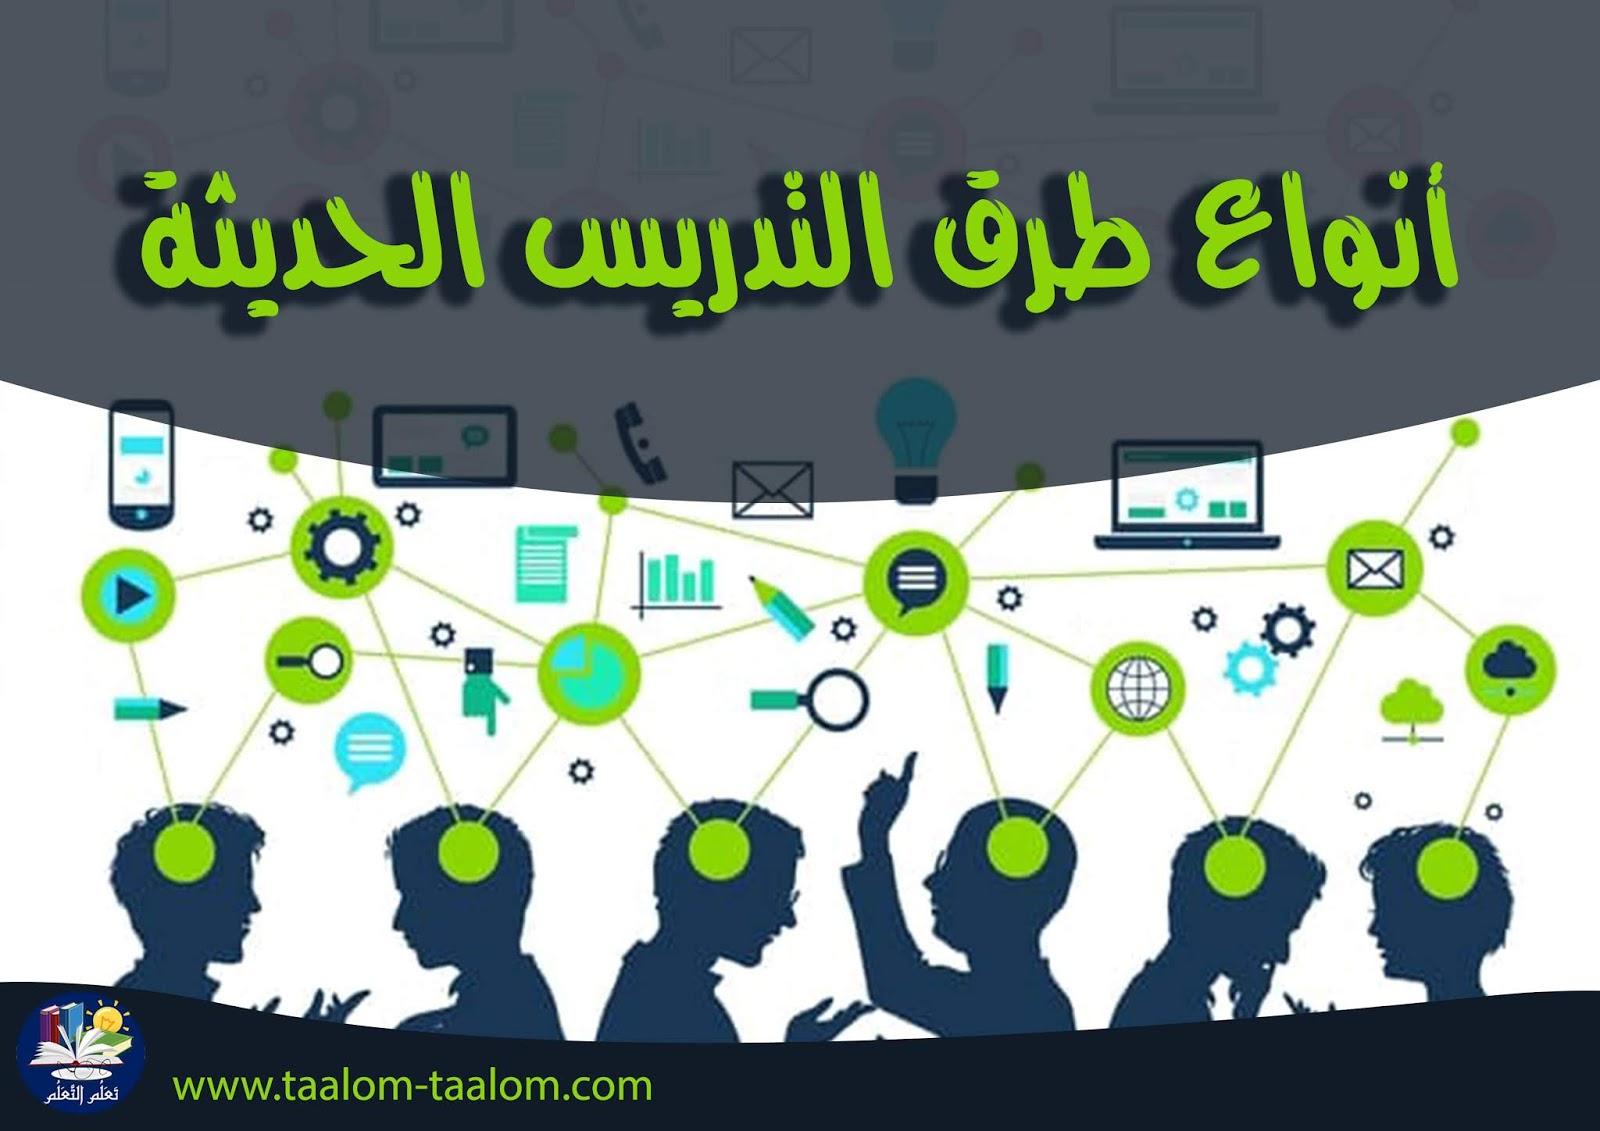 تعلم, التعلم, : أنواع, طرق, التدريس, الحديثة